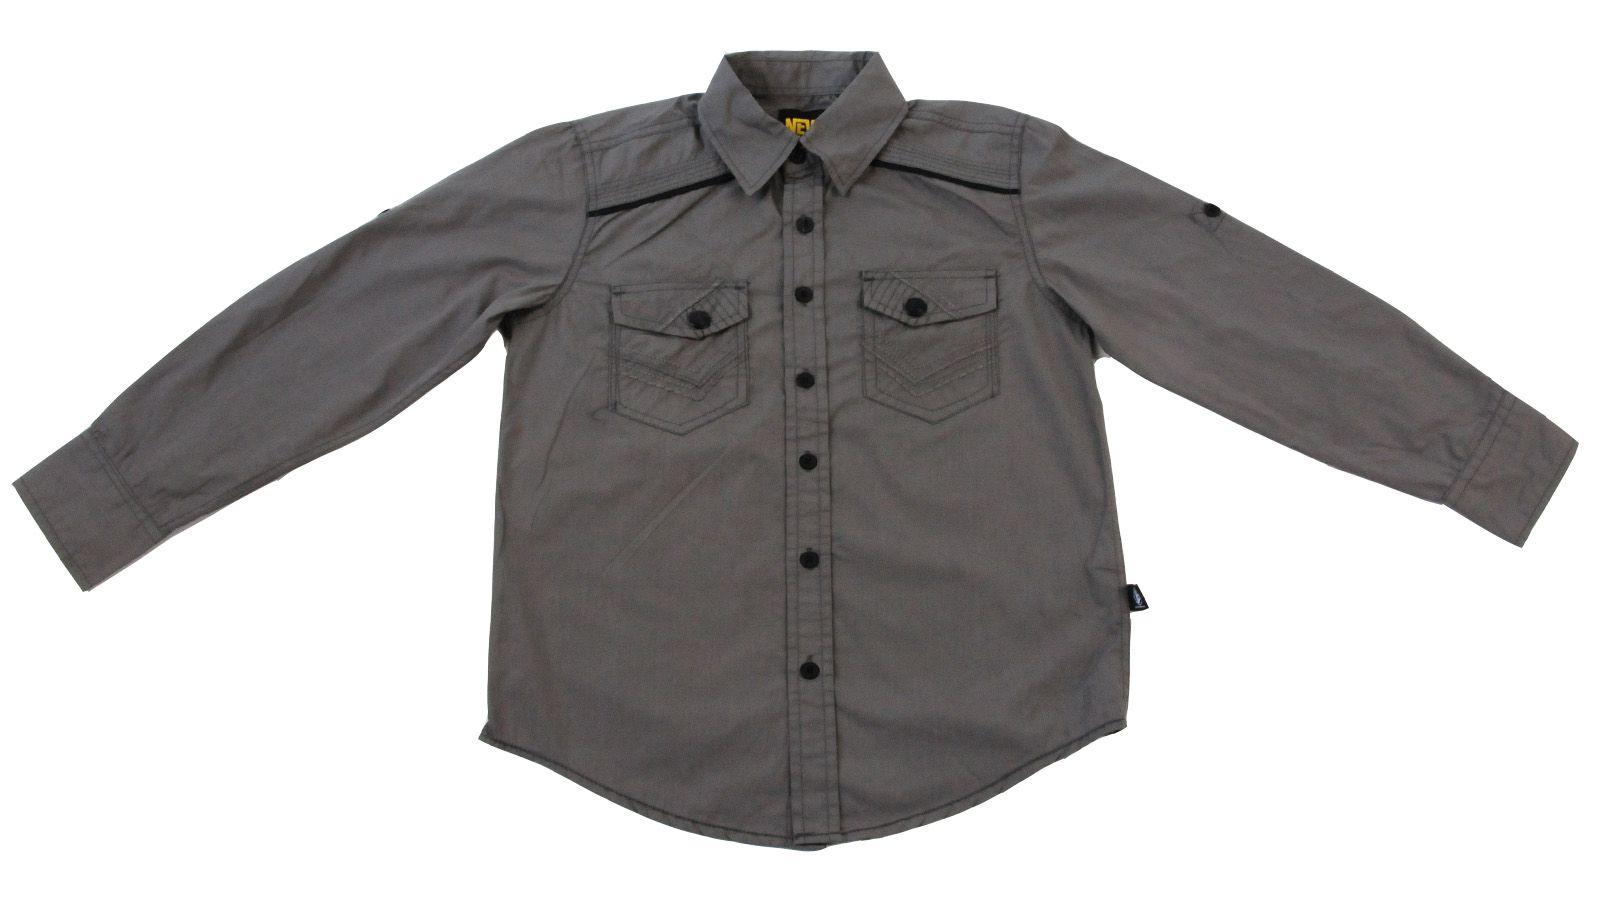 Рубашка для целеустремлённых подростков John Cena  Never give up-вид спереди